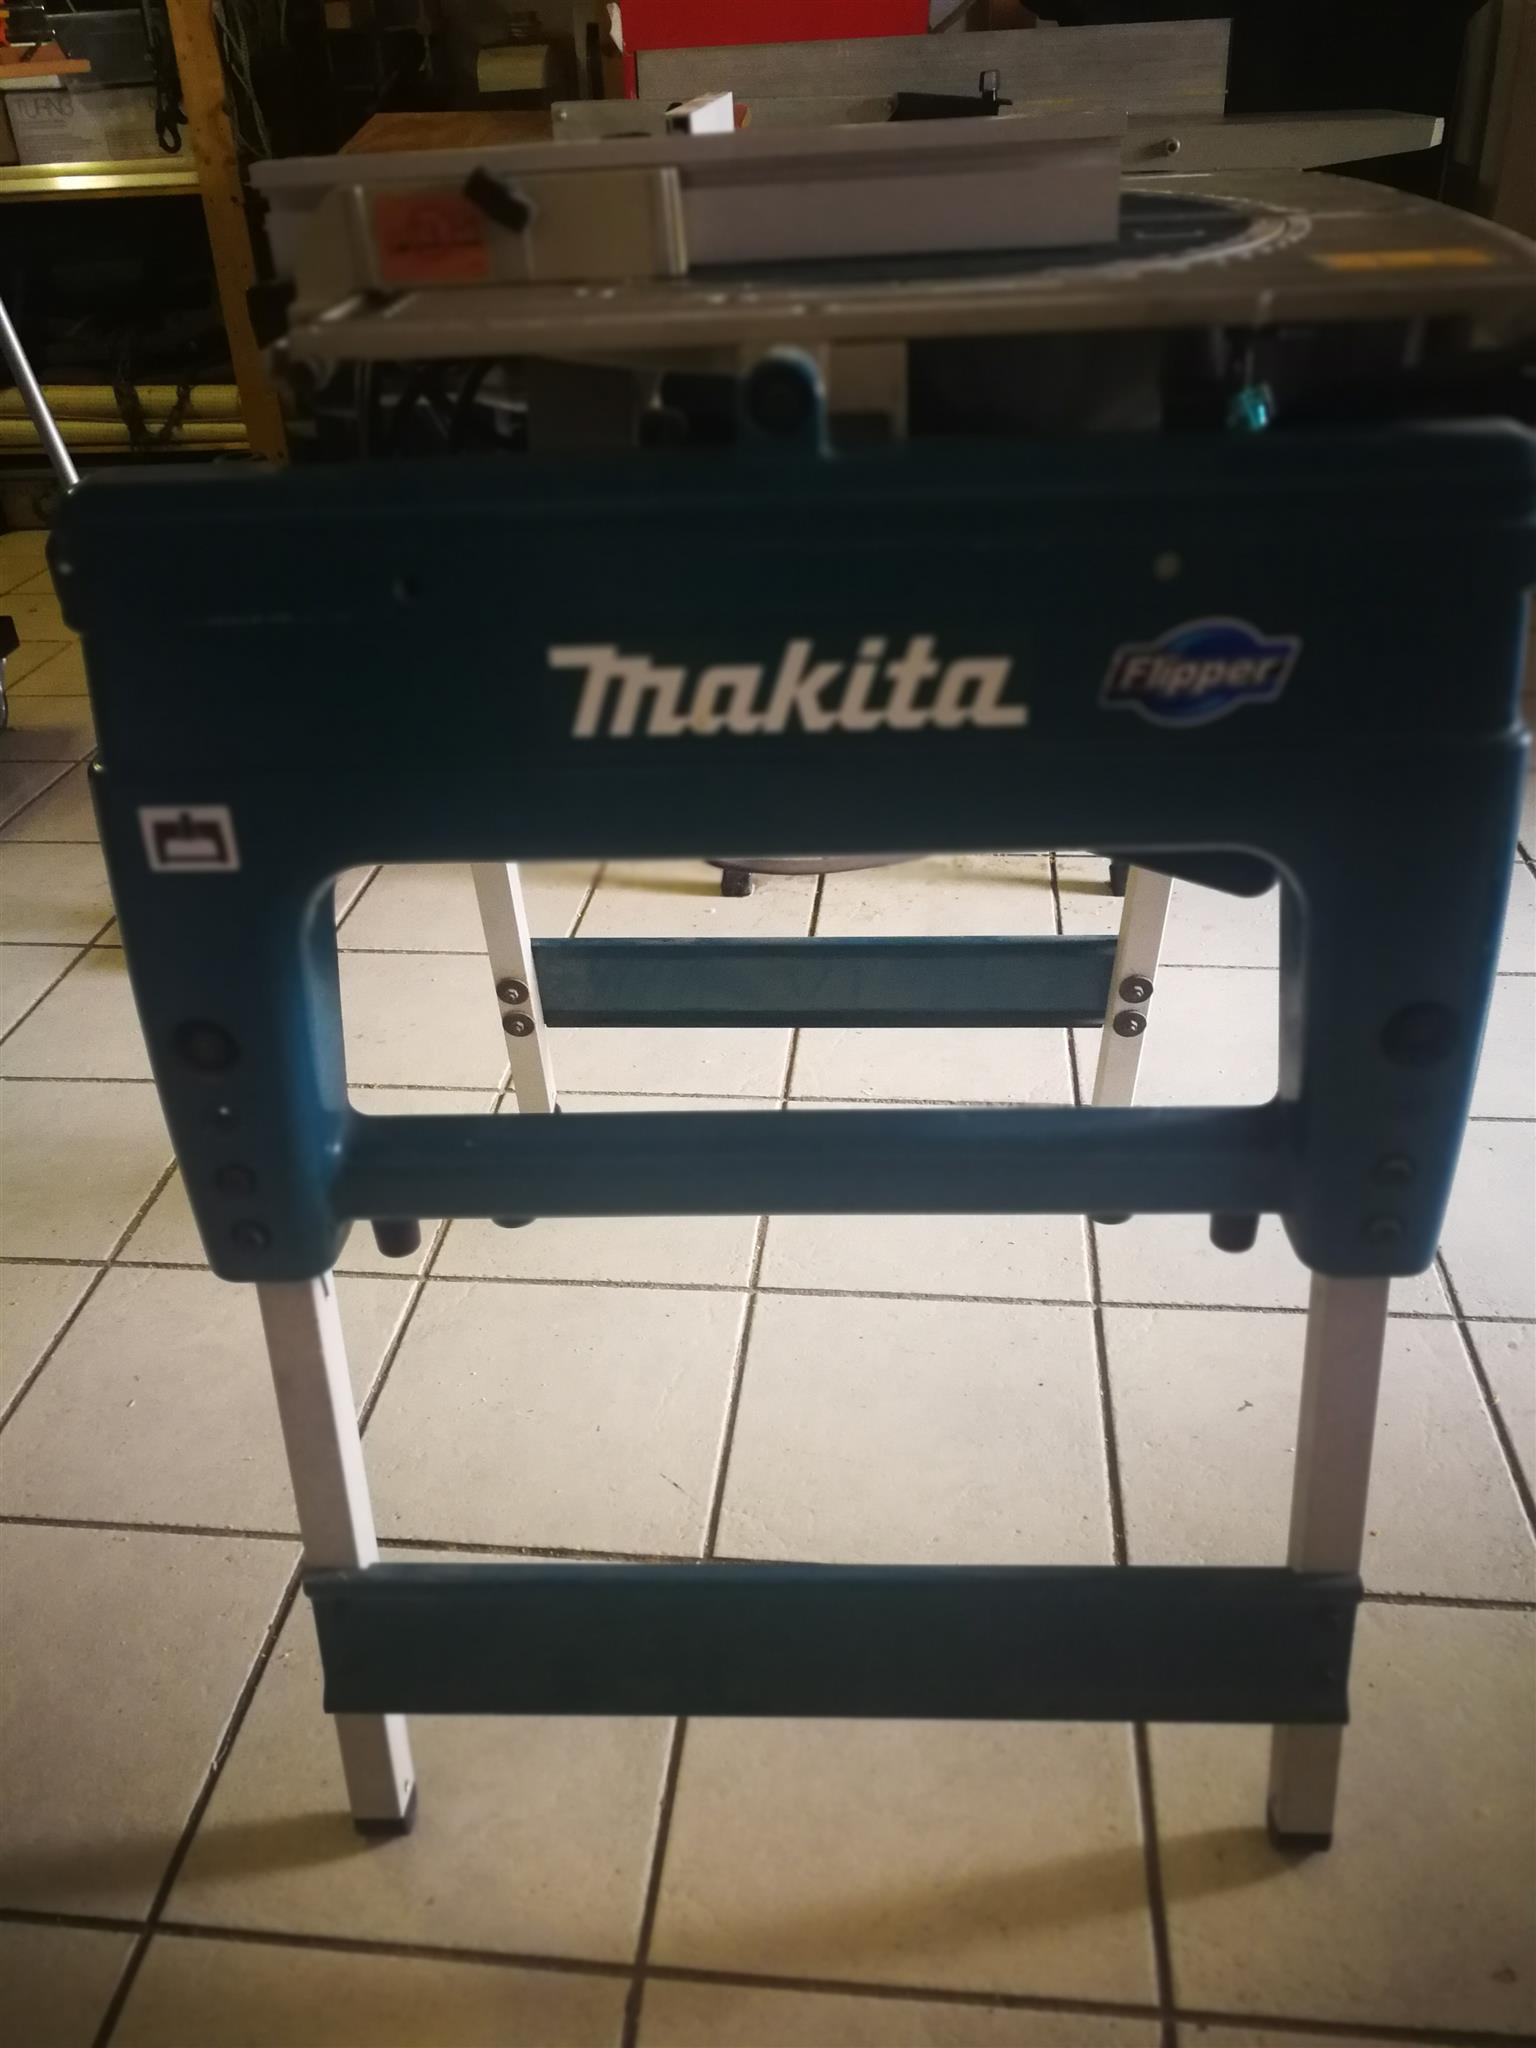 Makita Flipper saw